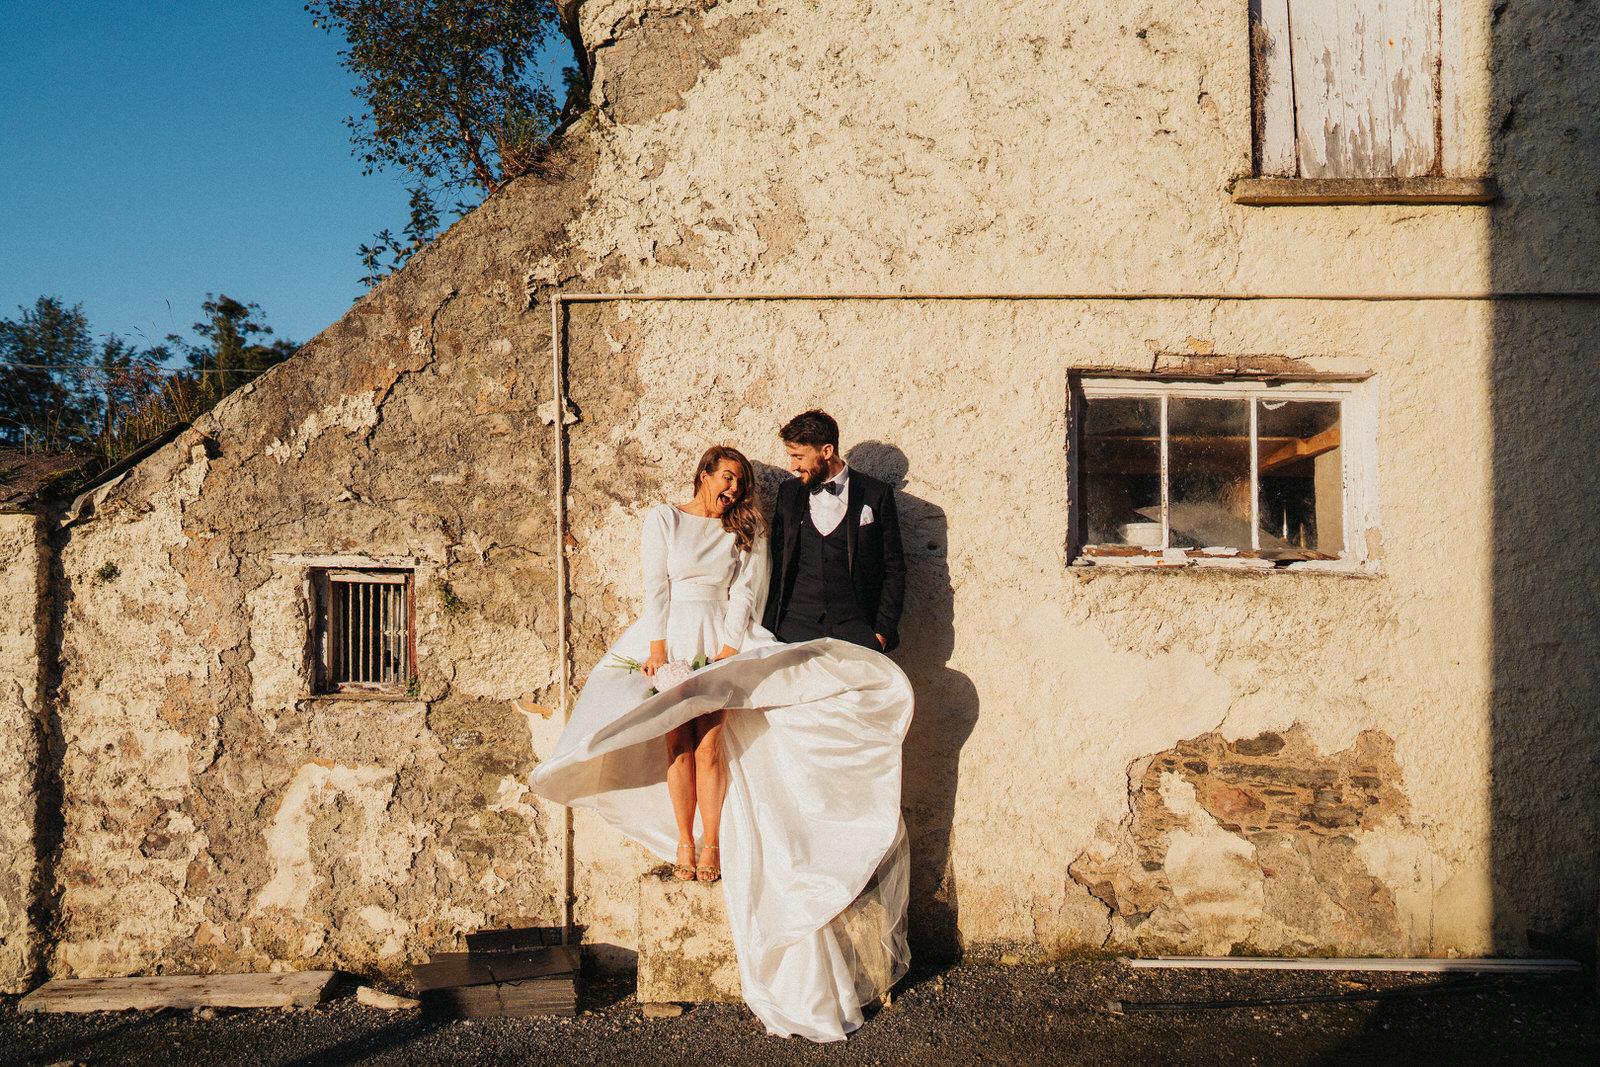 wedding photographer ireland pawel bebenca 2 11